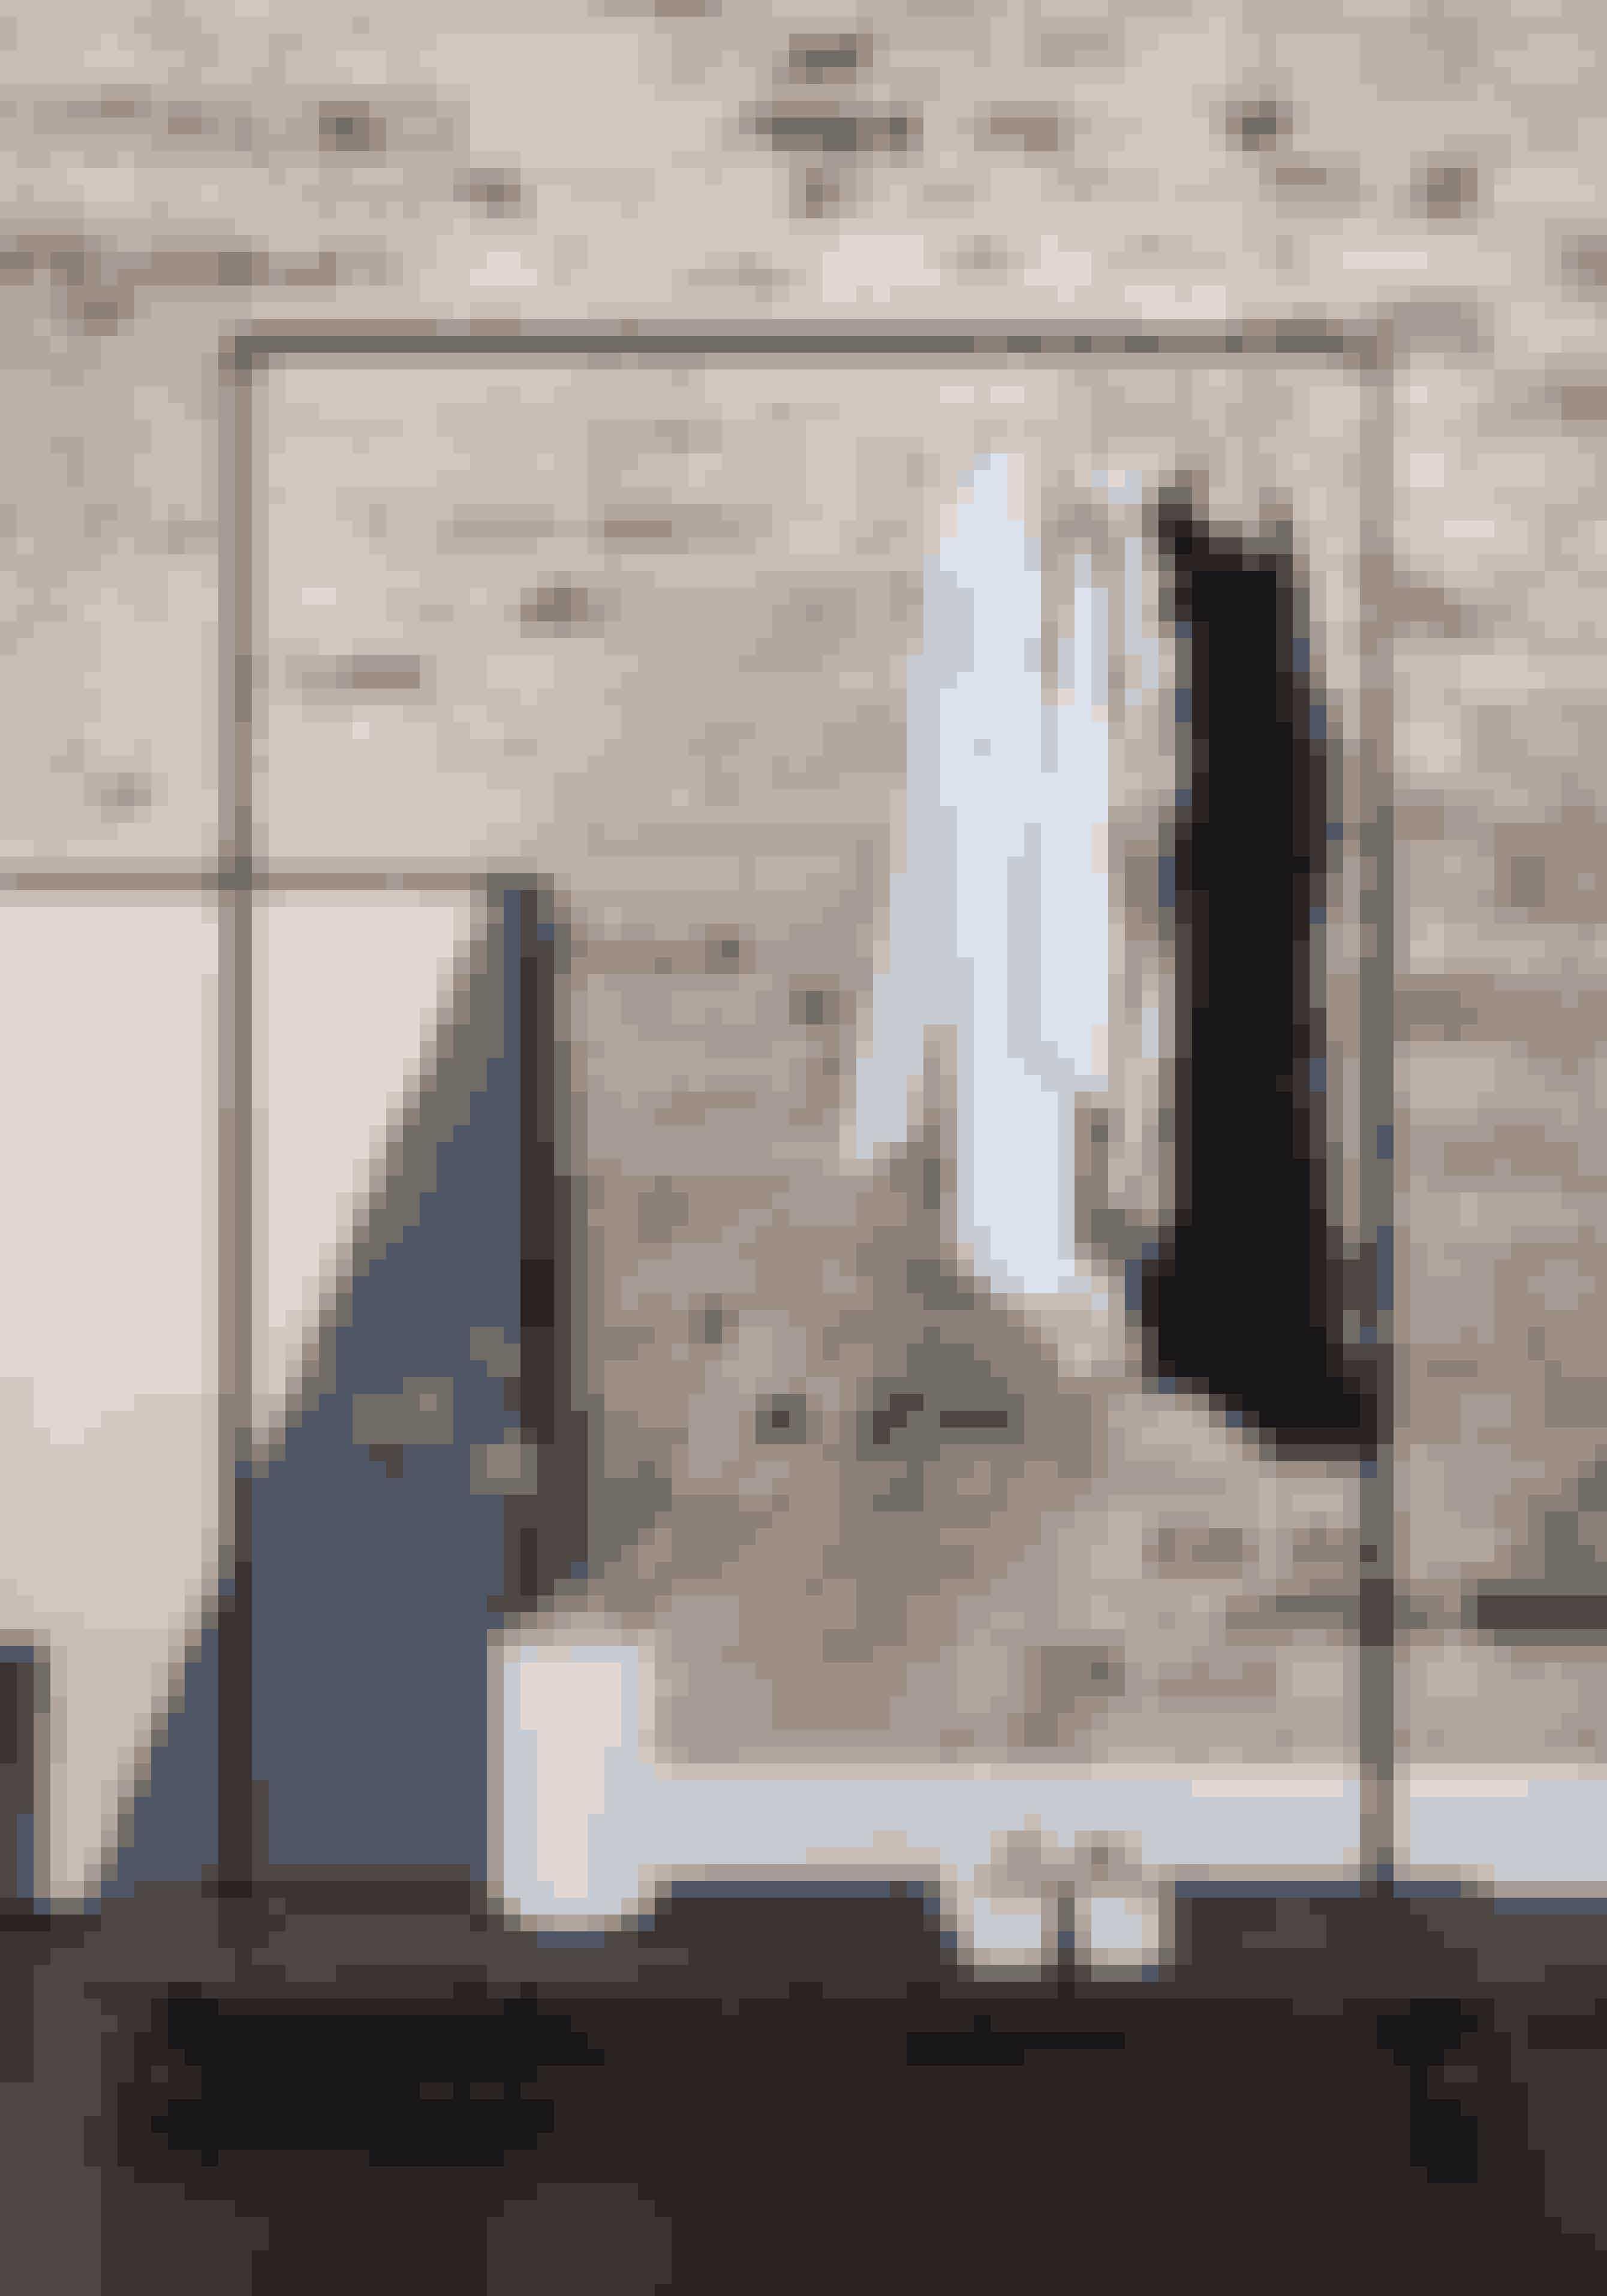 Jessie, garderobestativ i sort jernrør med hylde i sortbejdset fyrretræ. H 155 x D 30 cm, 1.299 kr. (Rackbuddy).